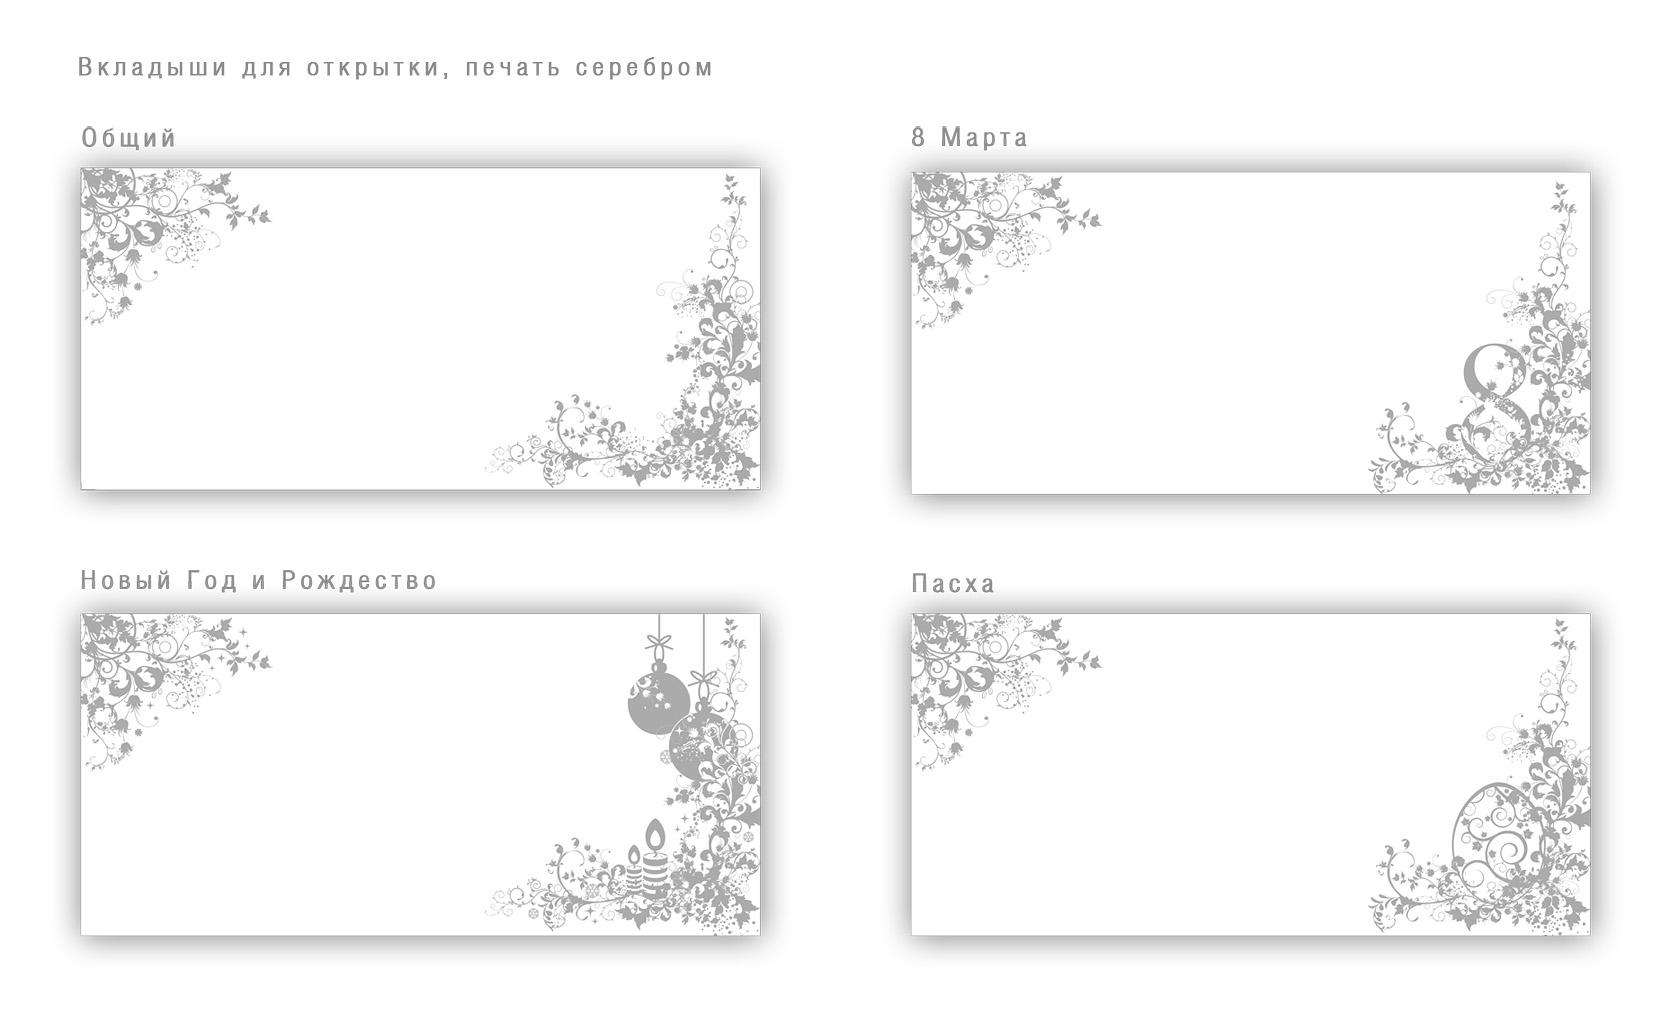 Макет открытки с текстом